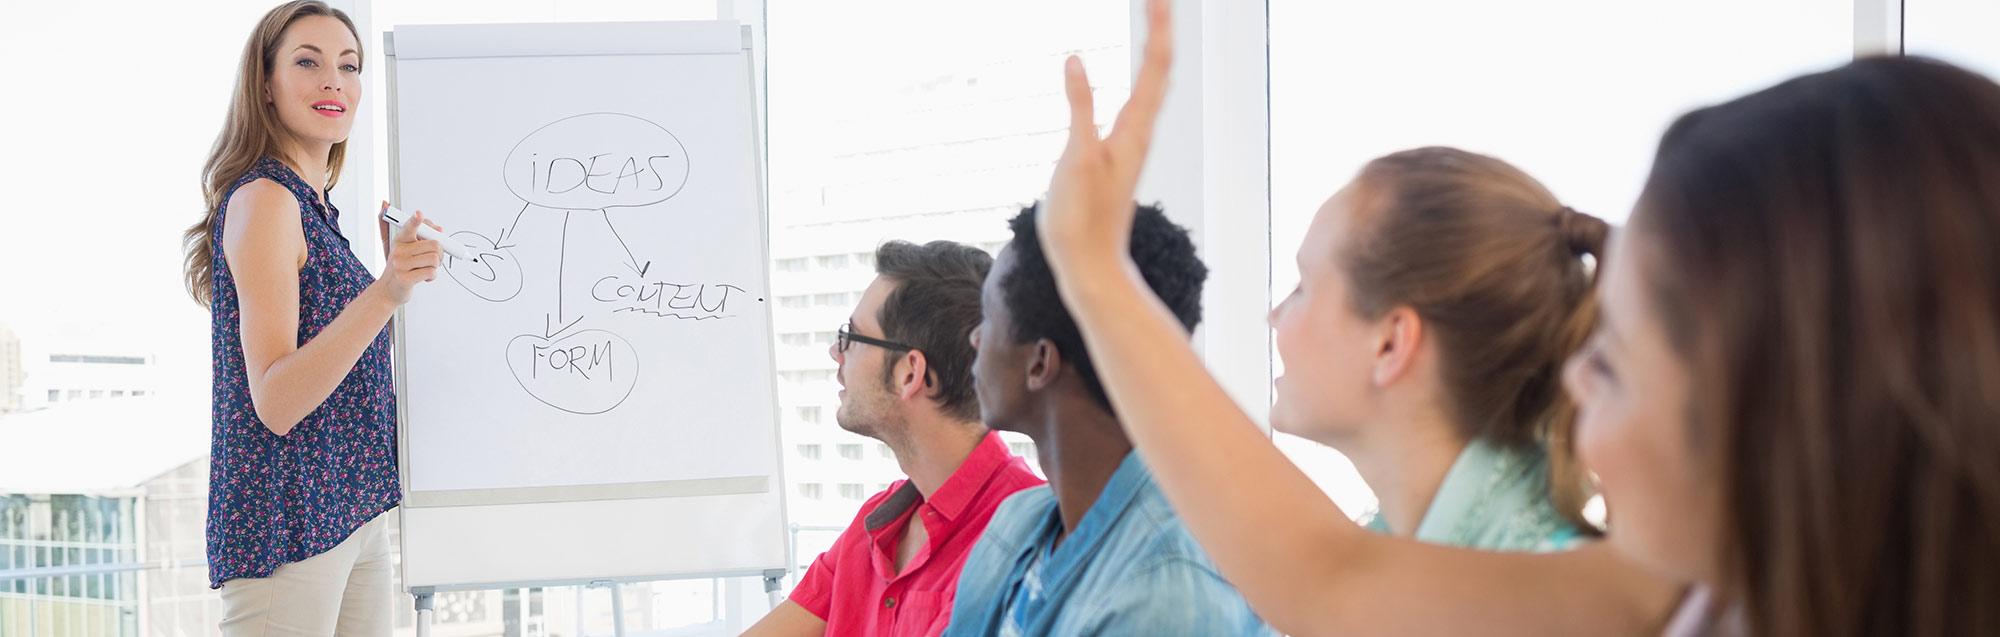 Das Angebot an Business-Sprachkursen für den Beruf